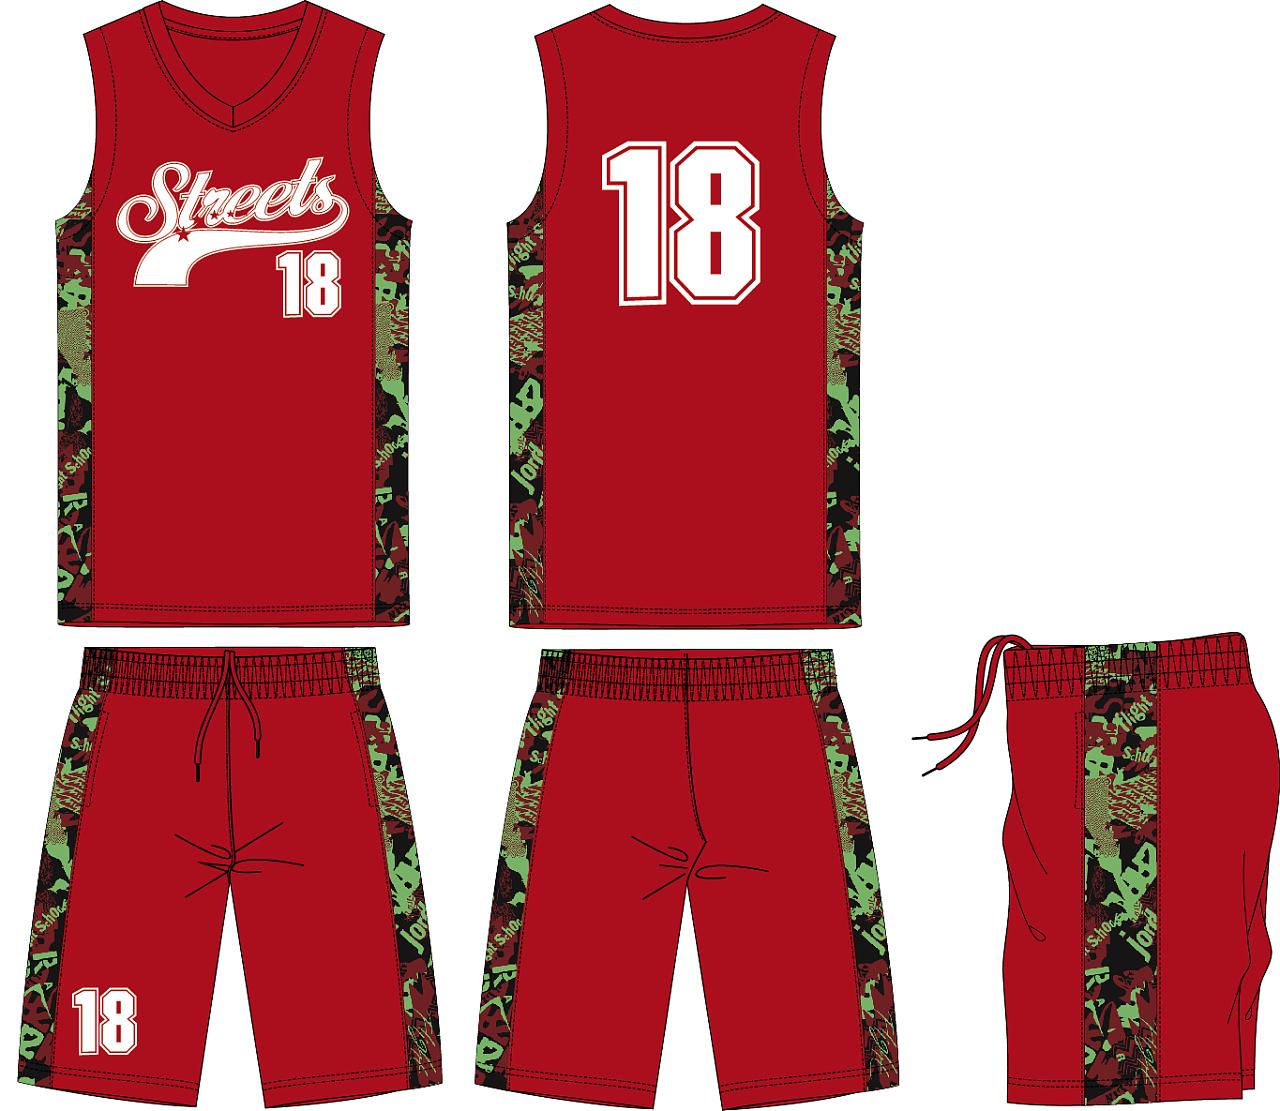 简单篮球服设计图图片